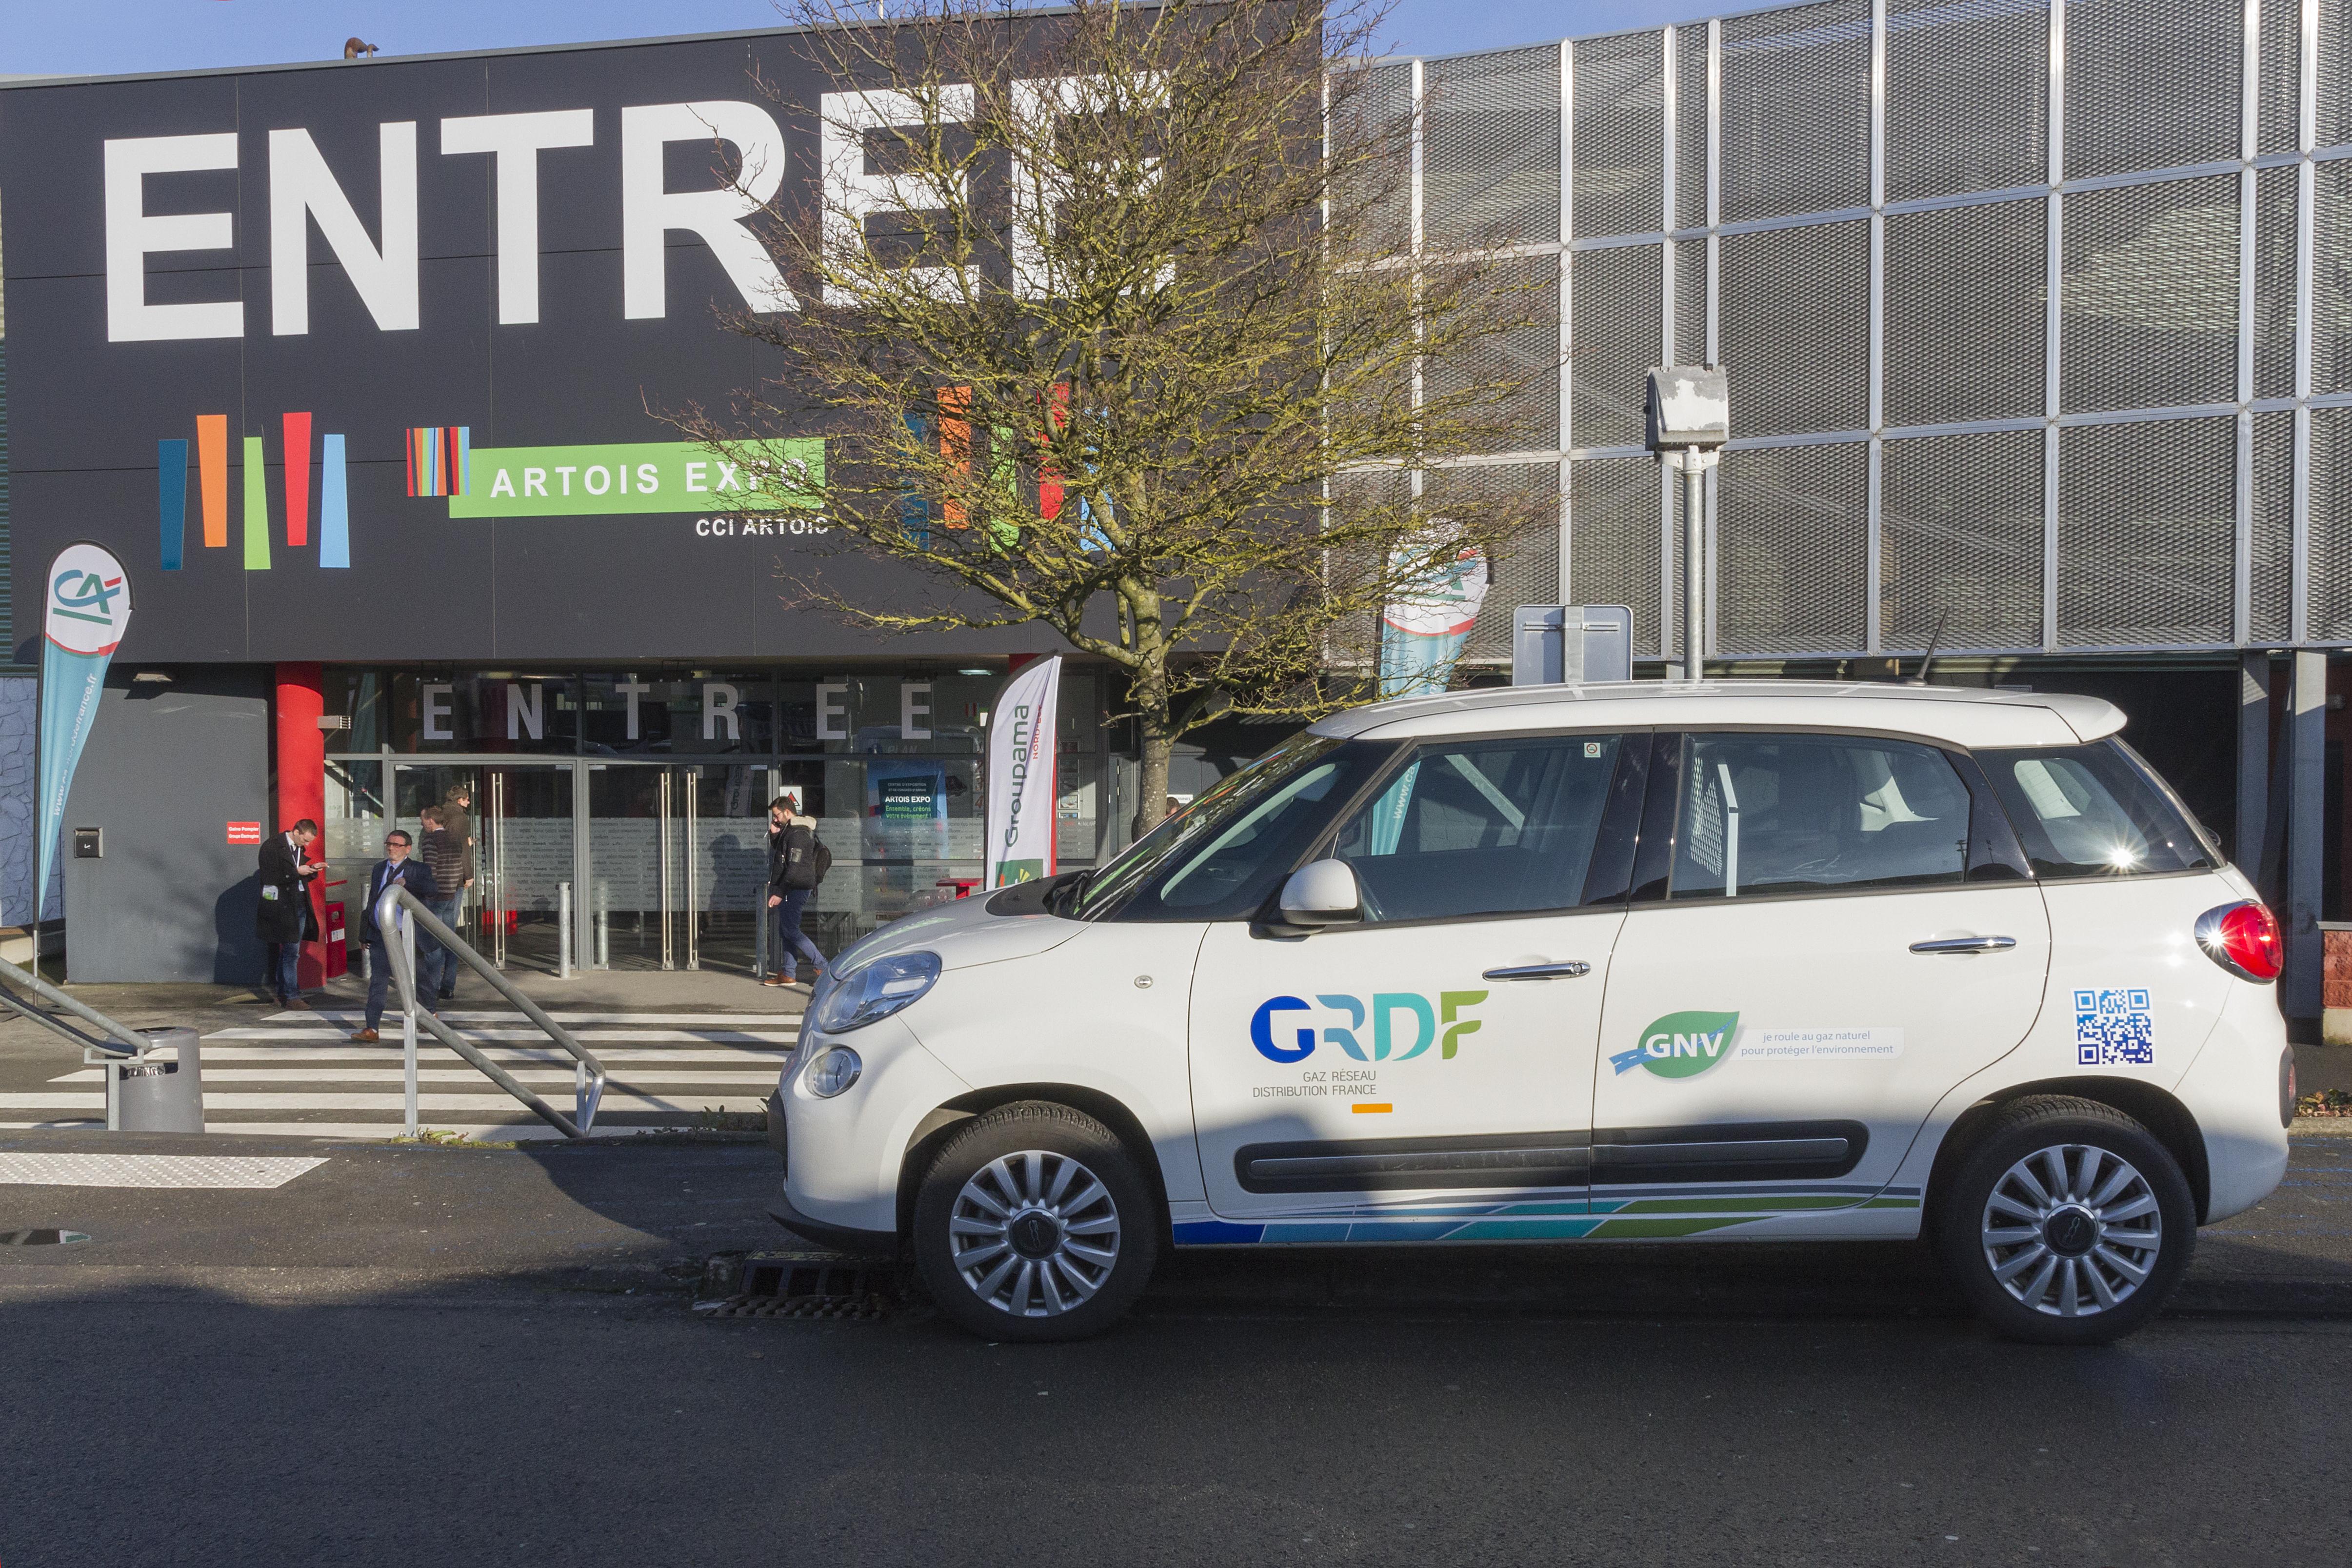 L'objectif a été fixé pour les Hauts-de-France : devenir la première région européenne productrice de biométhane injecté ! Entreprises et experts seront présents pour échanger toute la journée sur ce gaz vert et ses impacts positifs pour l'environnement ou encore l'économie des territoires.